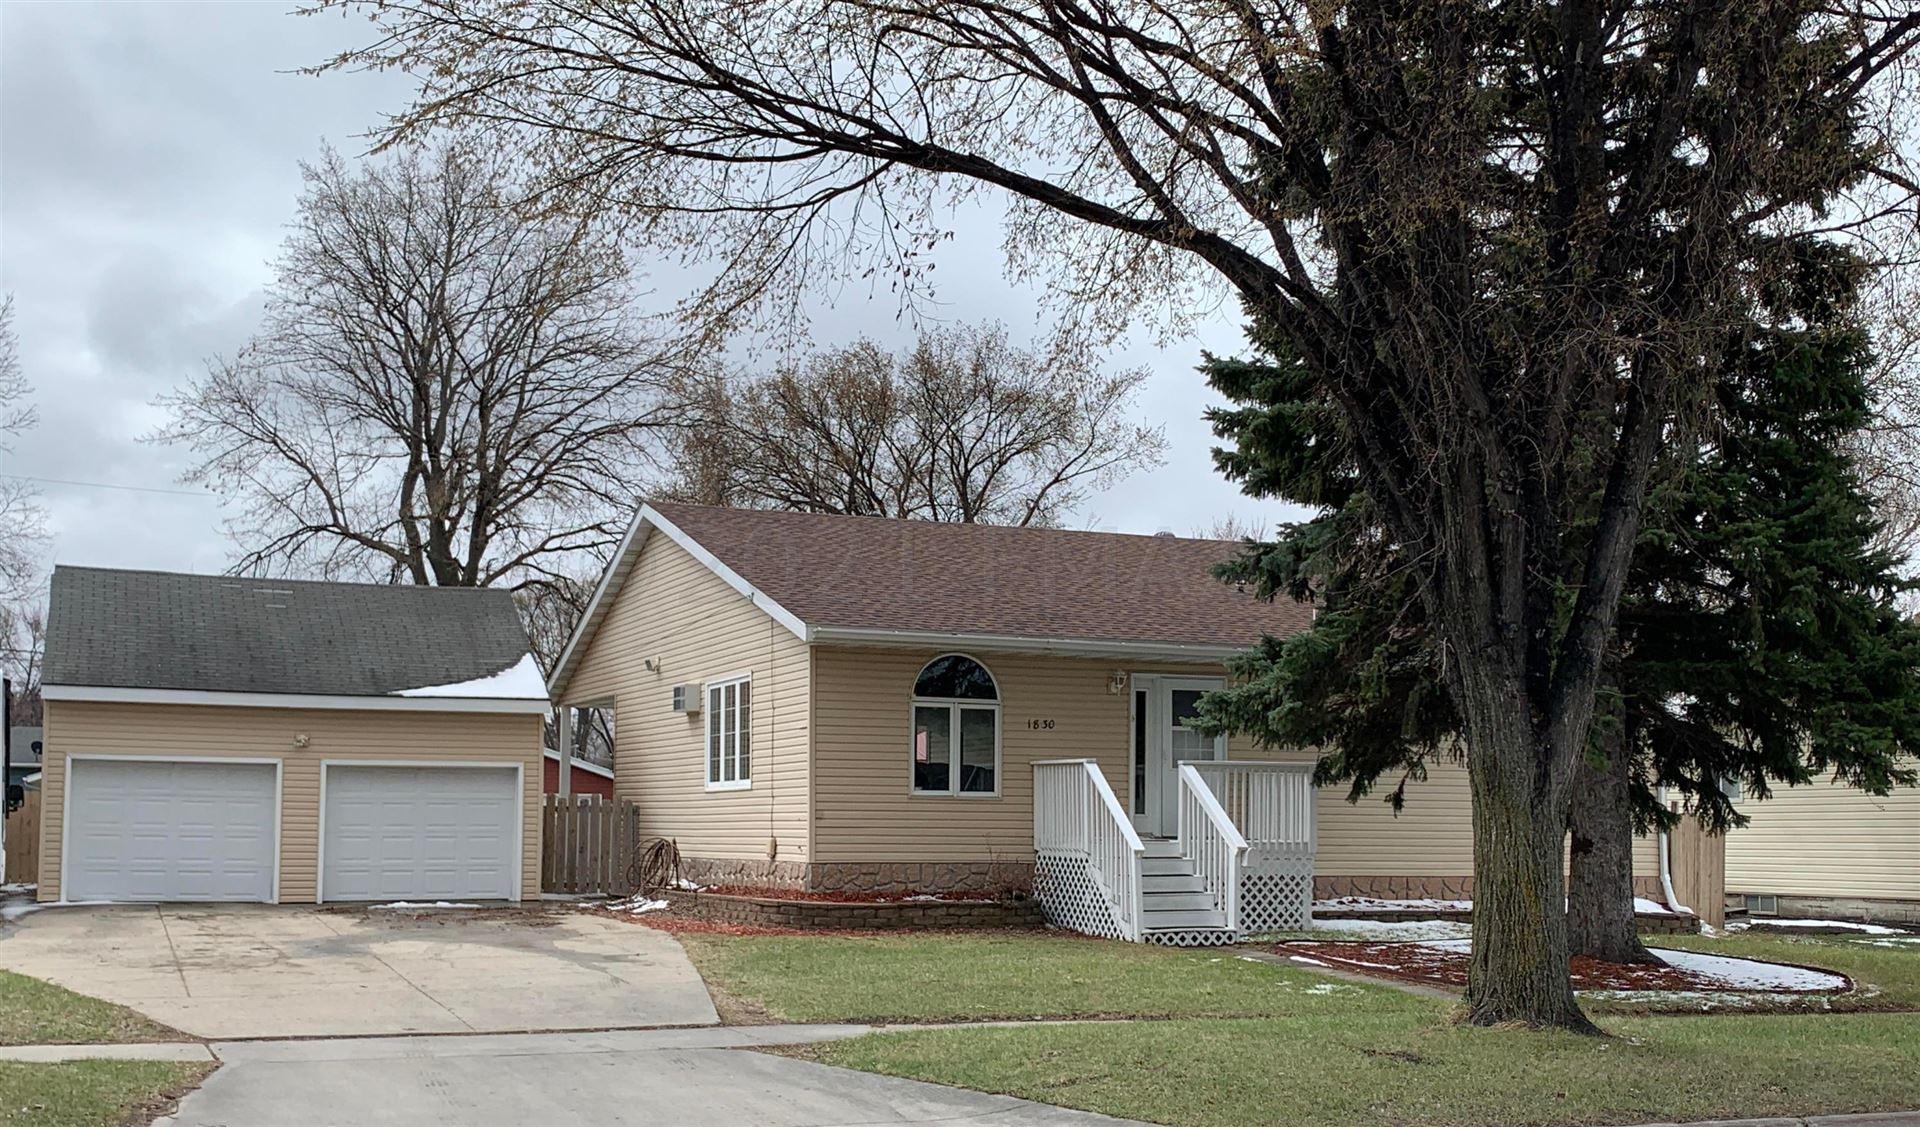 1830 5 Avenue S, Fargo, ND 58103 - #: 21-1953